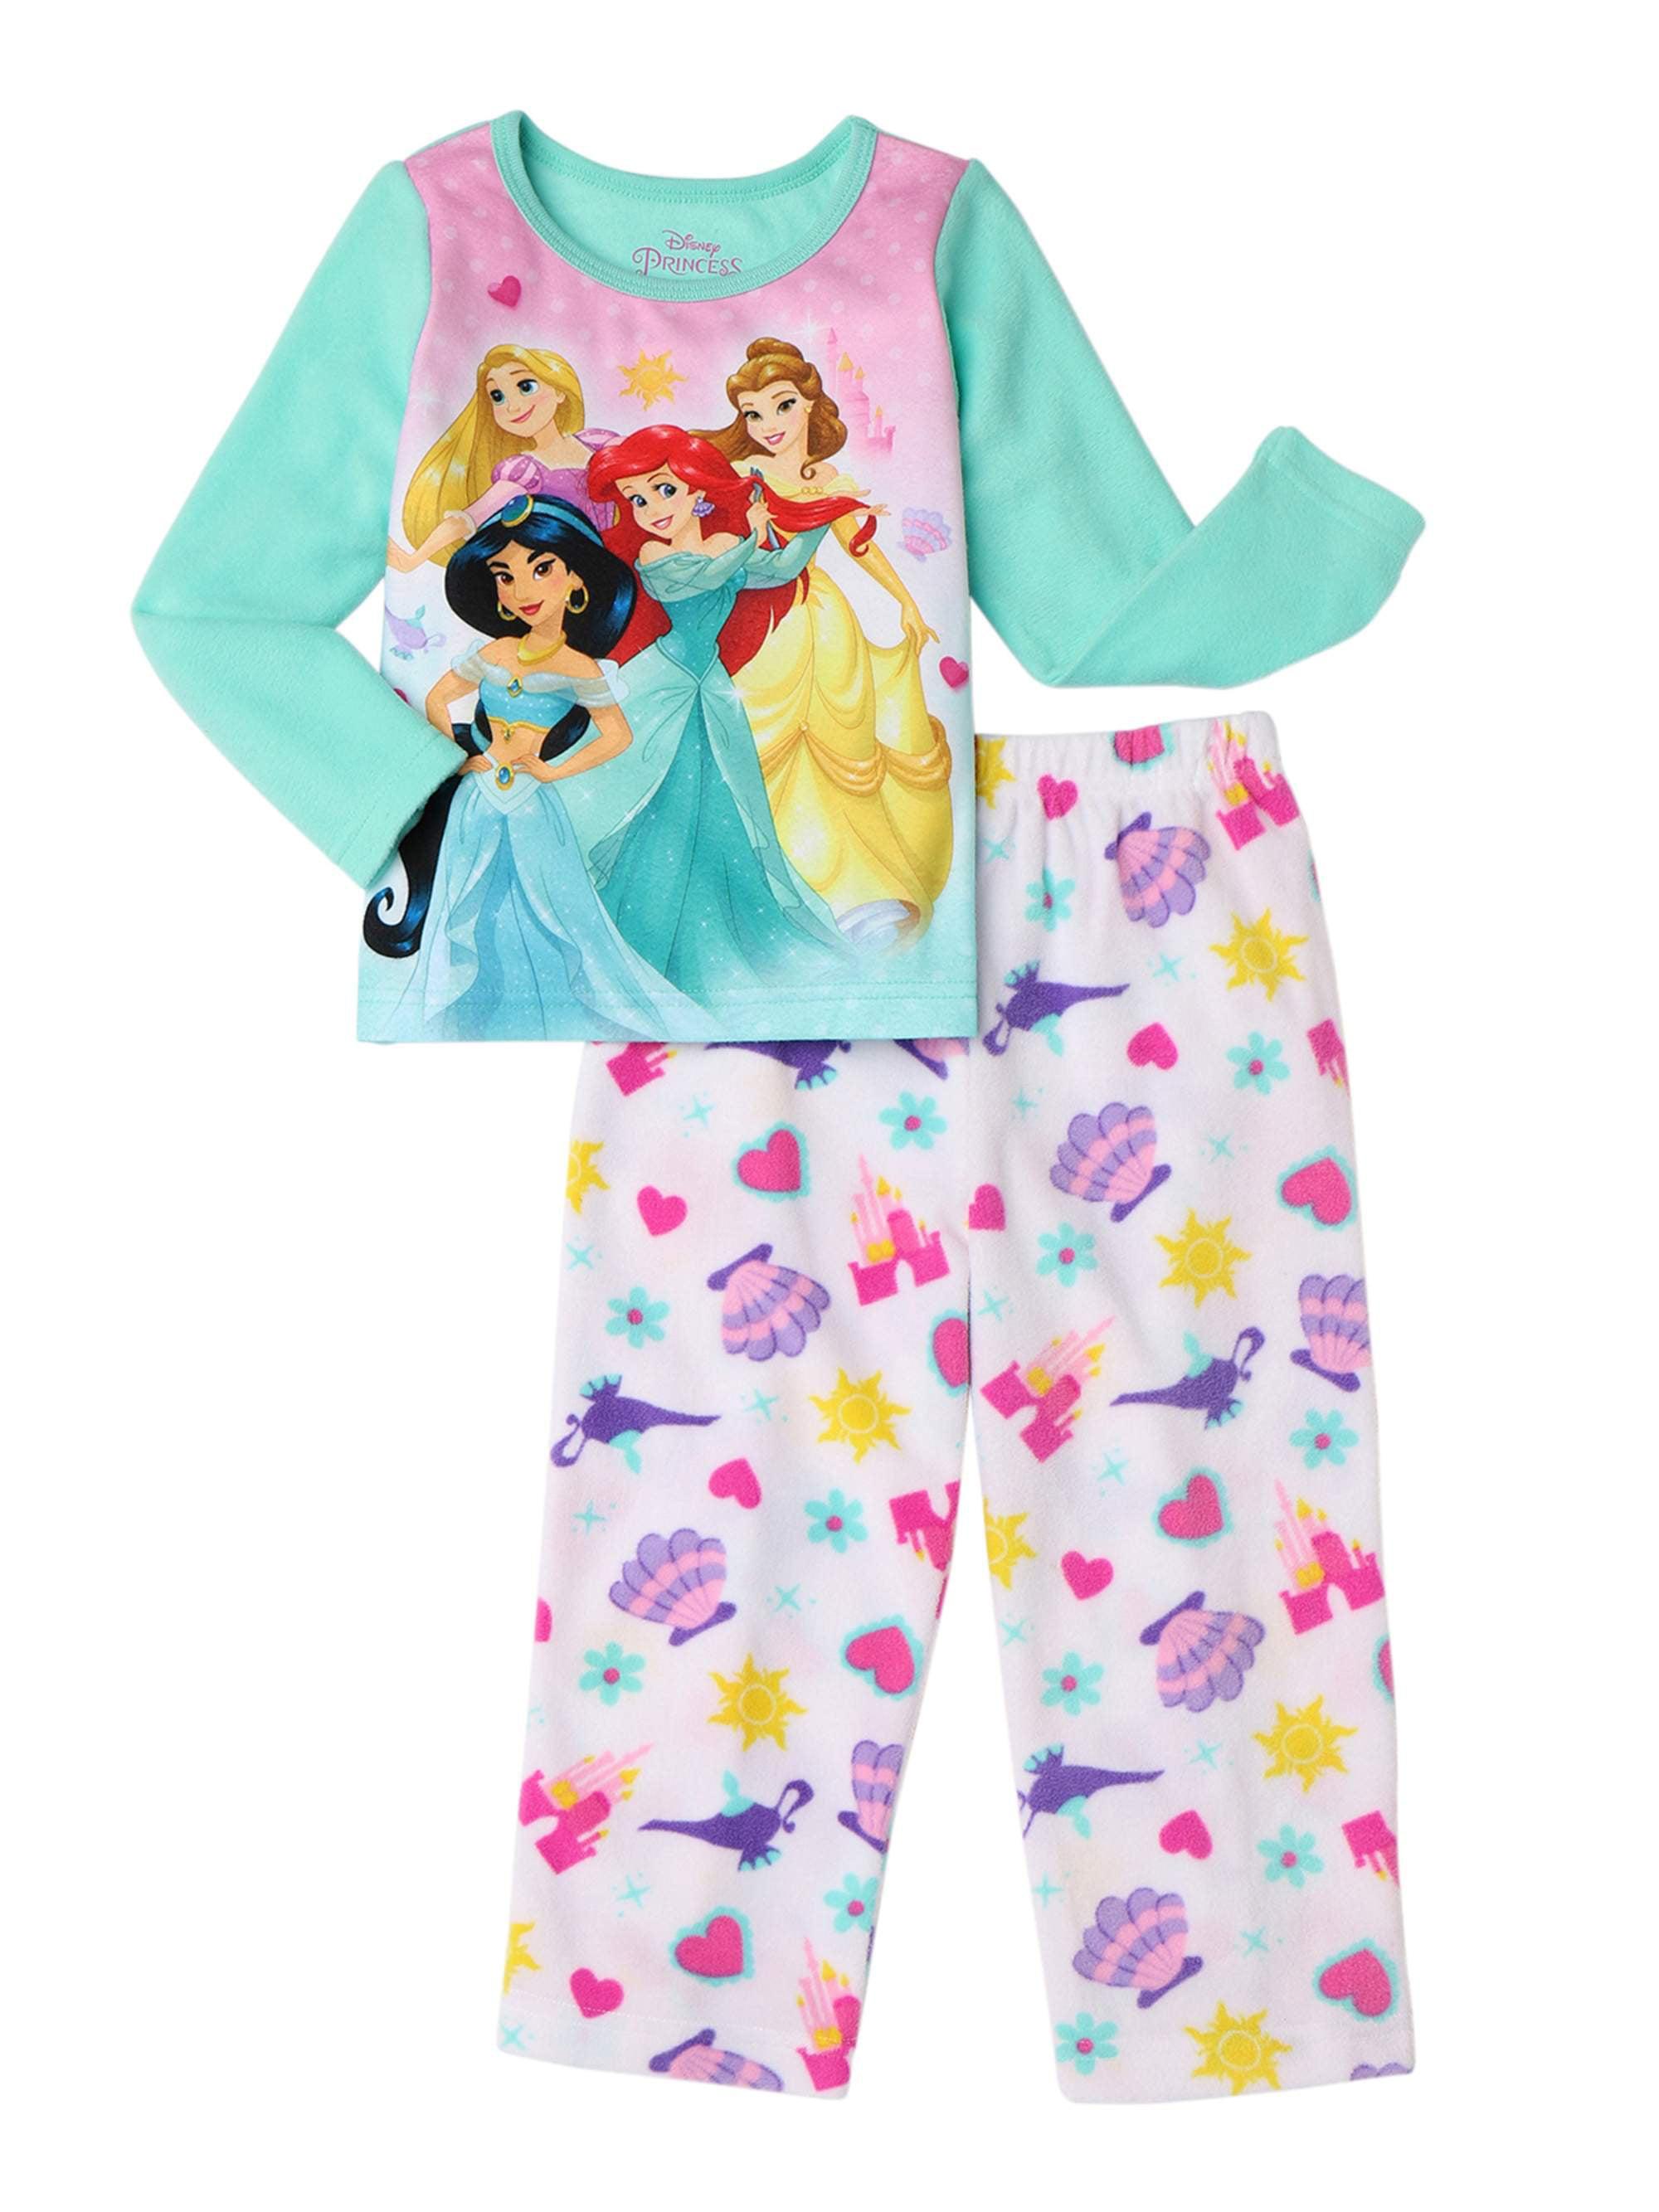 Low Price Palace Princess style Children Pajama Cotton